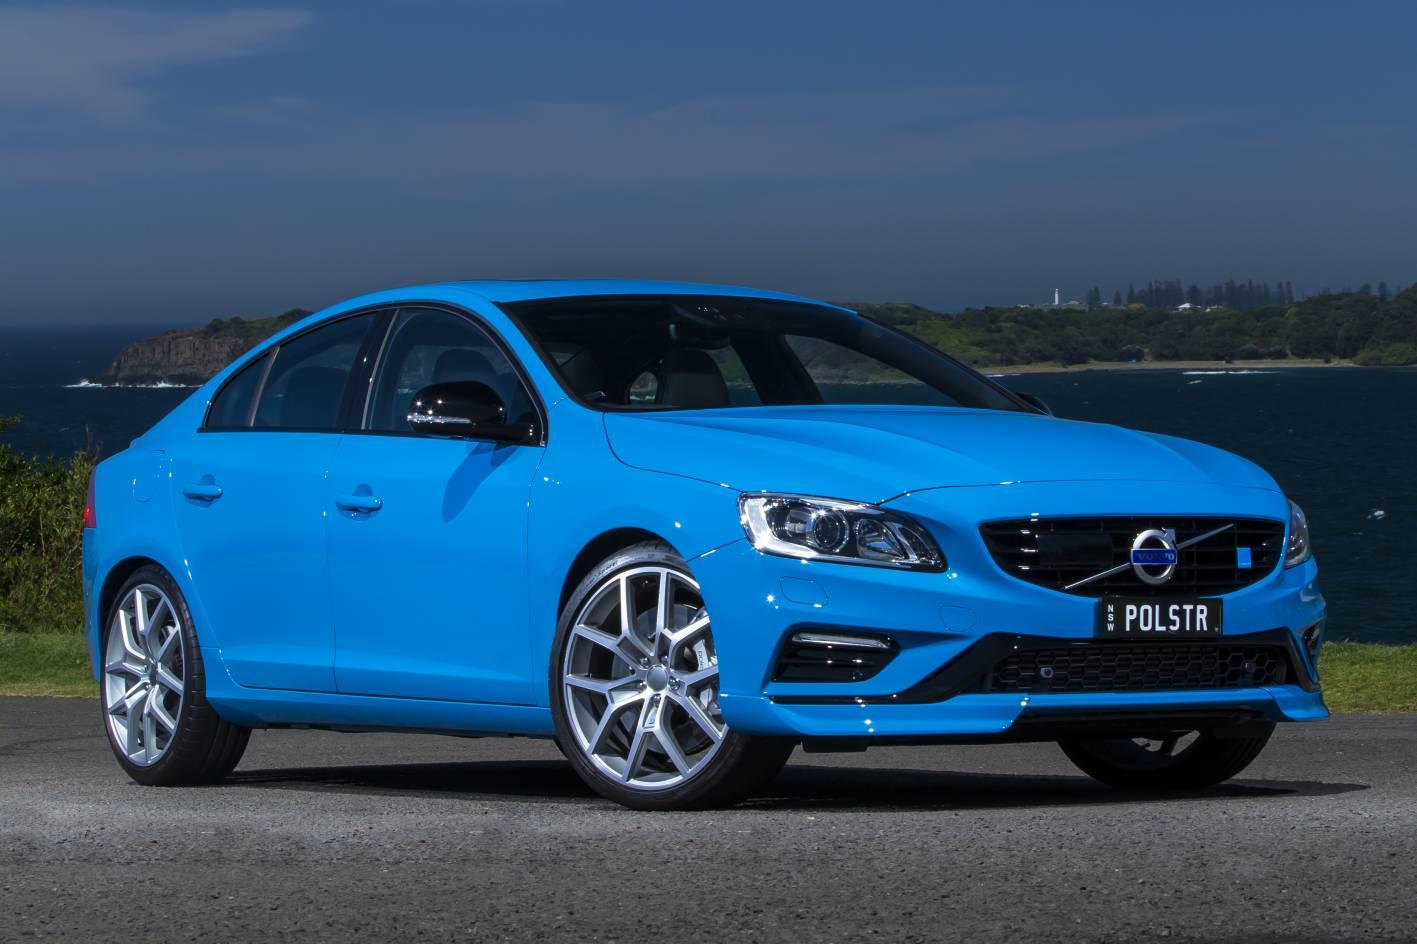 2015 Volvo S60 Polestar joined by V60 Polestar - ForceGT.com